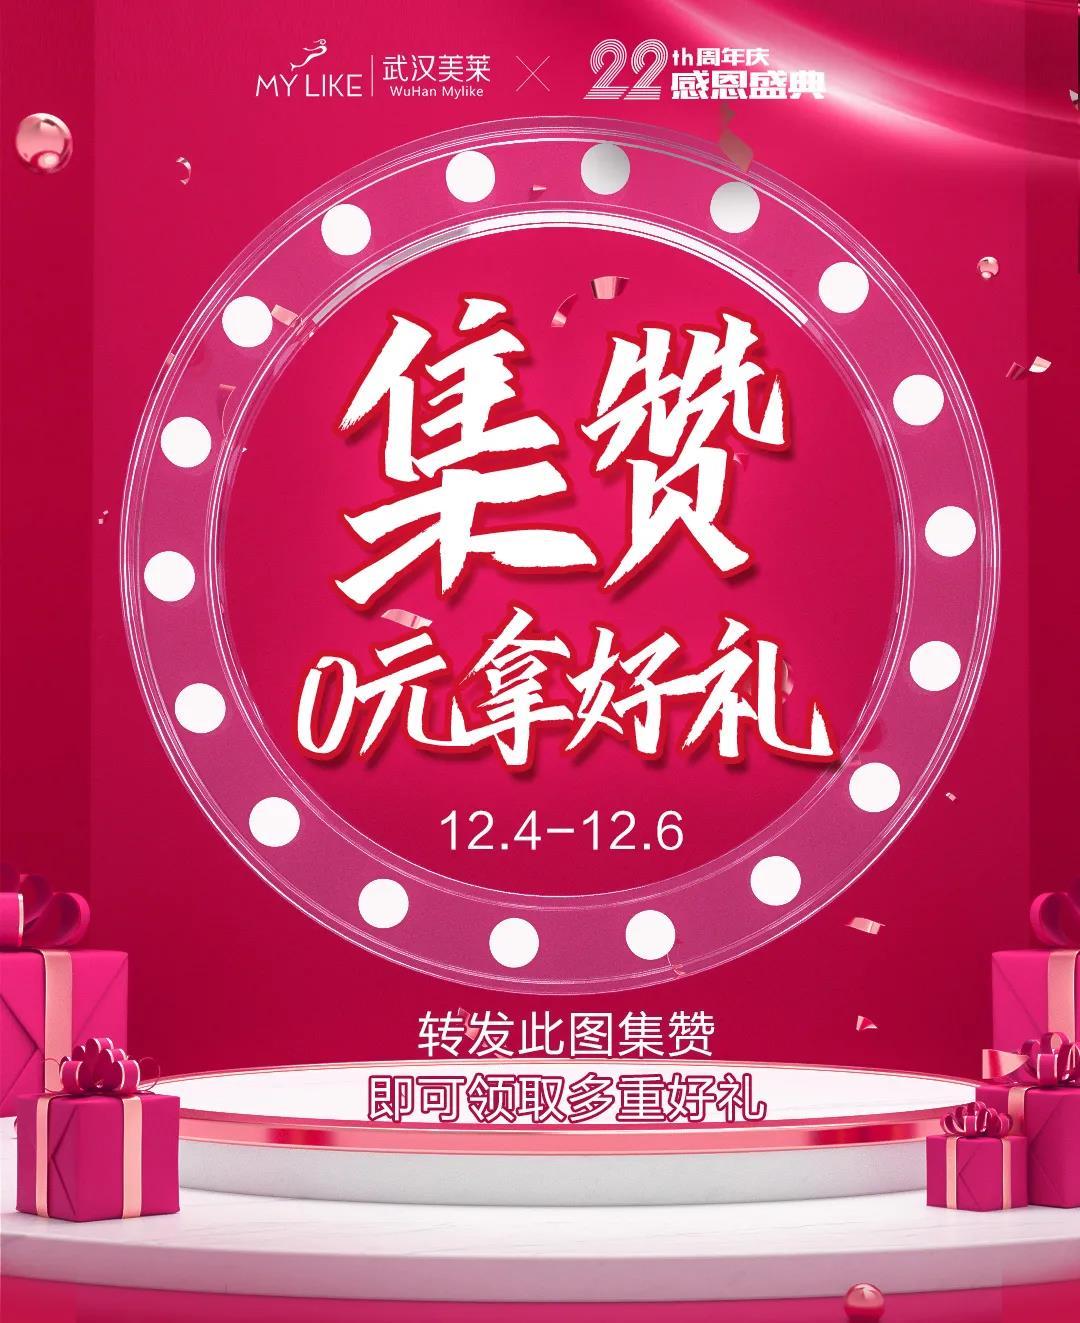 武汉美莱22周年庆星耀启幕,钜惠来袭嗨翻武汉!